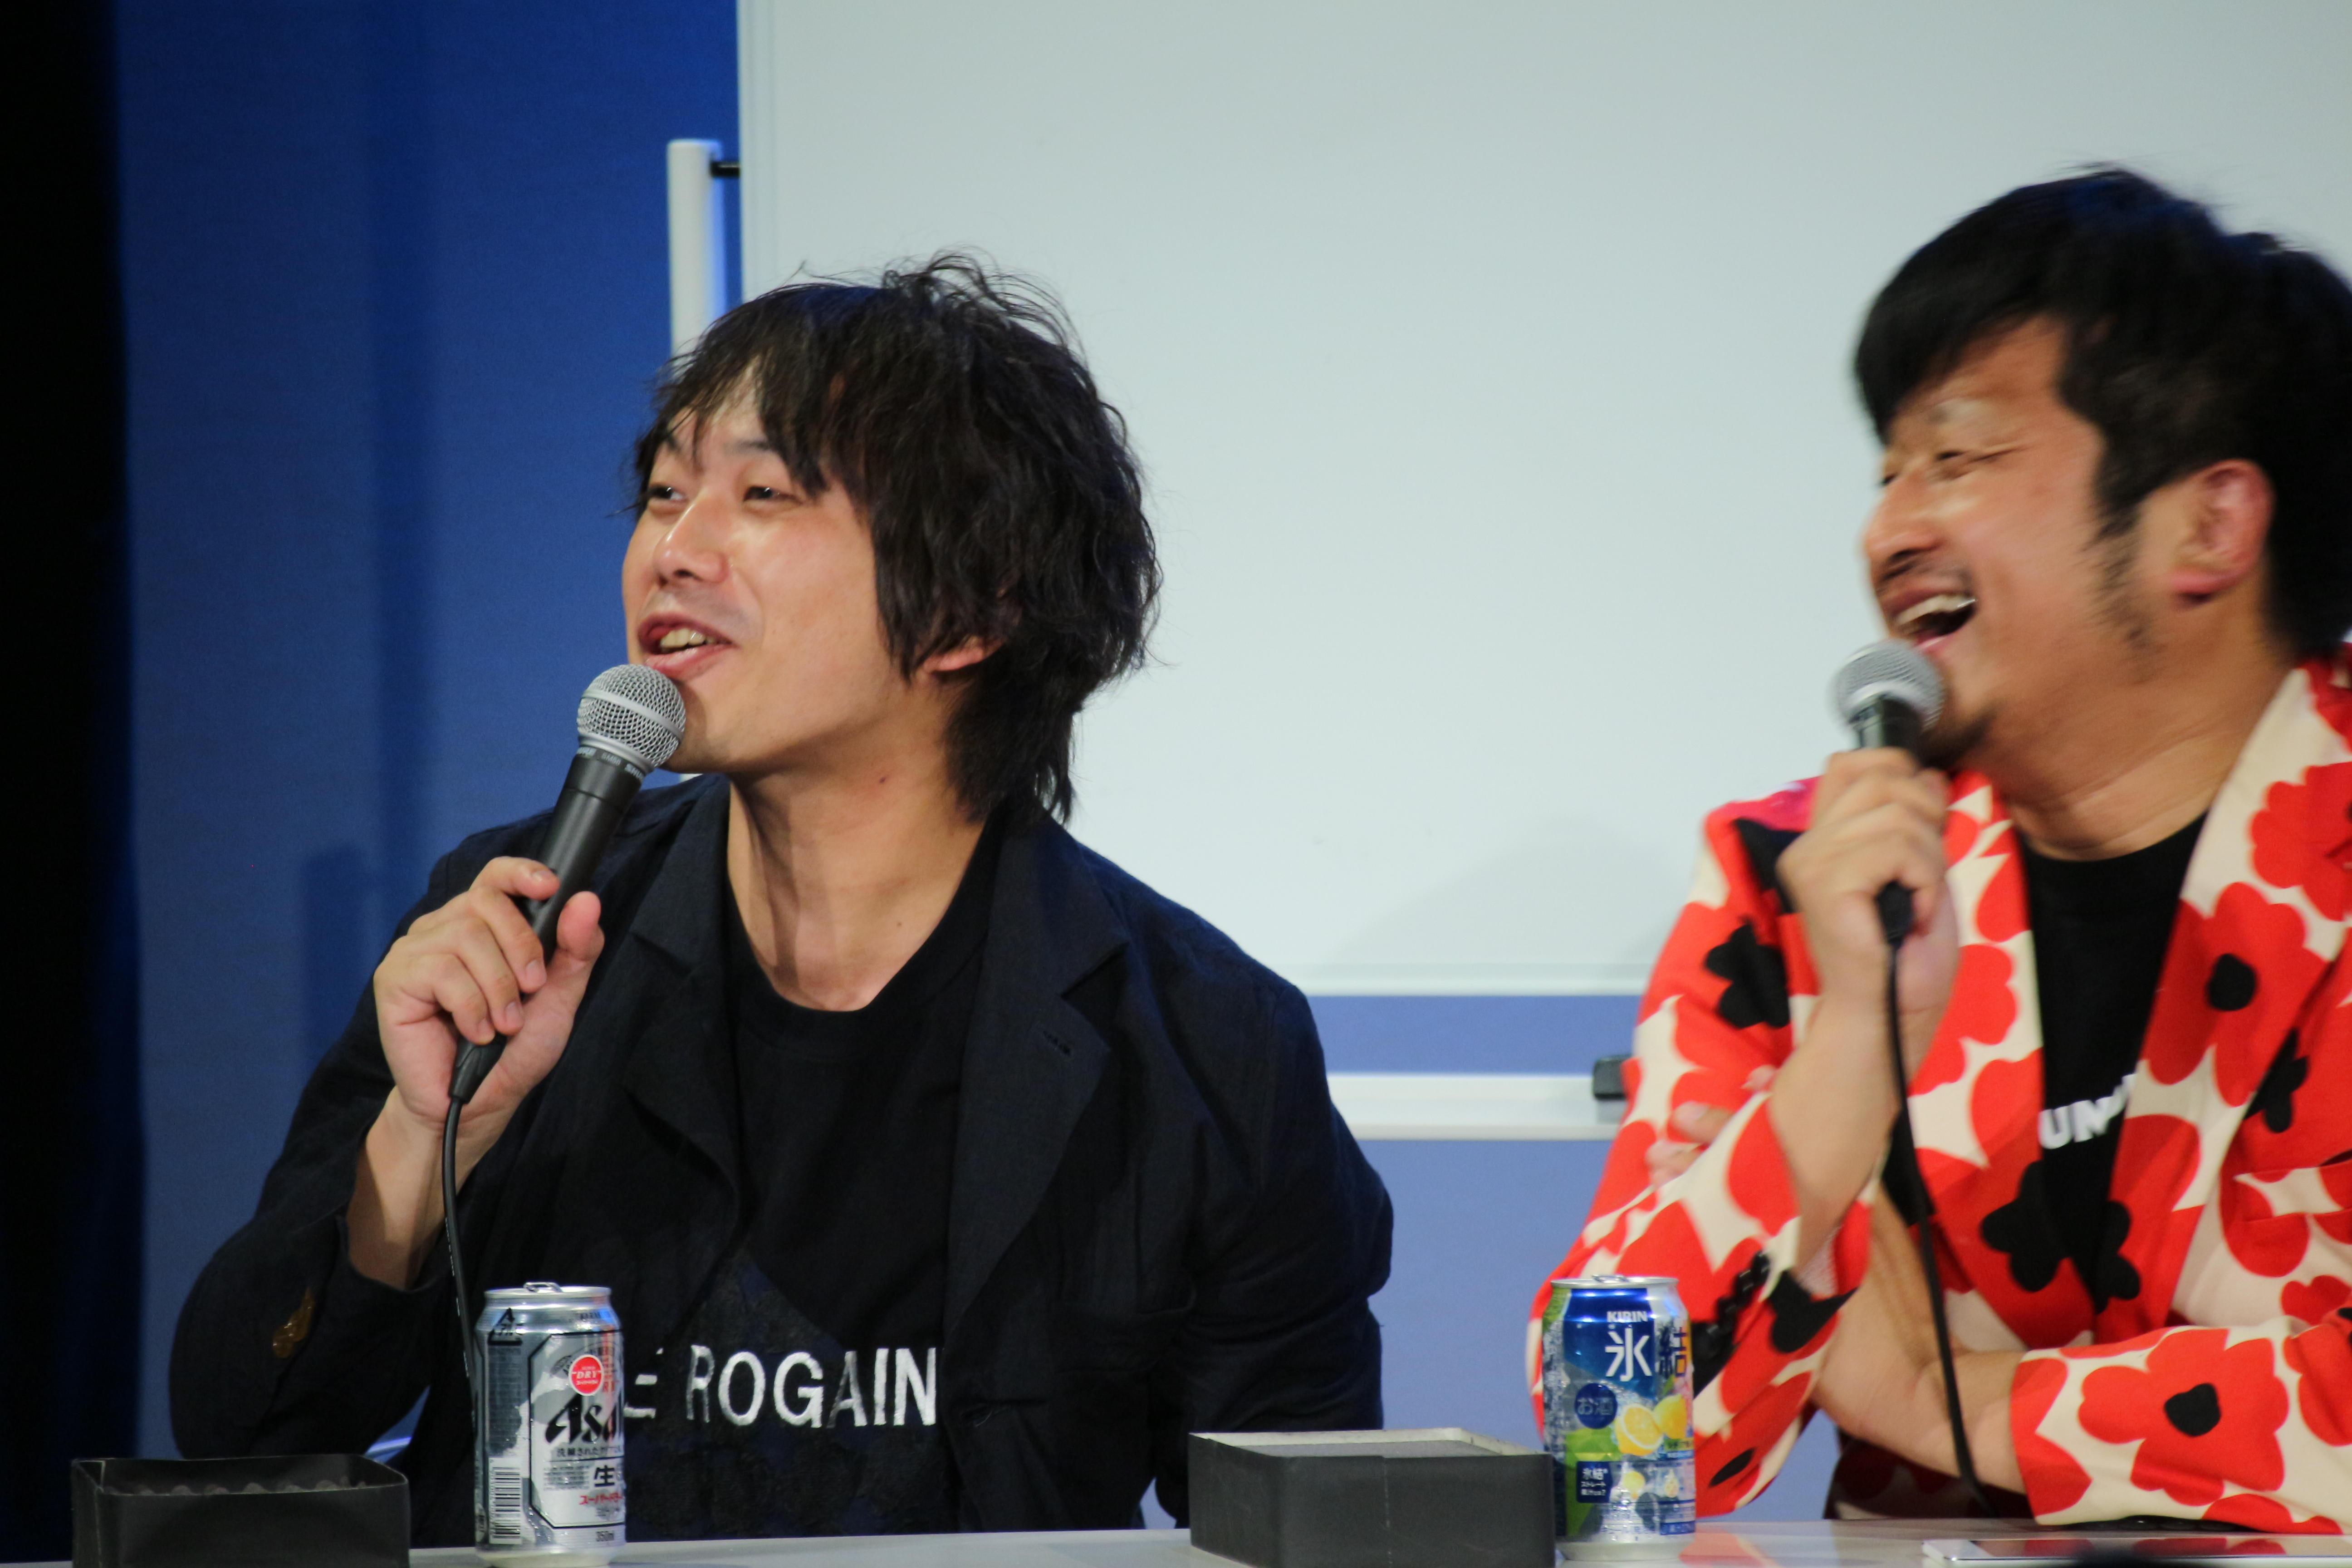 http://news.yoshimoto.co.jp/20180512231952-1beaa7ba6aaaa0ee23f41297f4d0a5e3a6a45d73.jpg